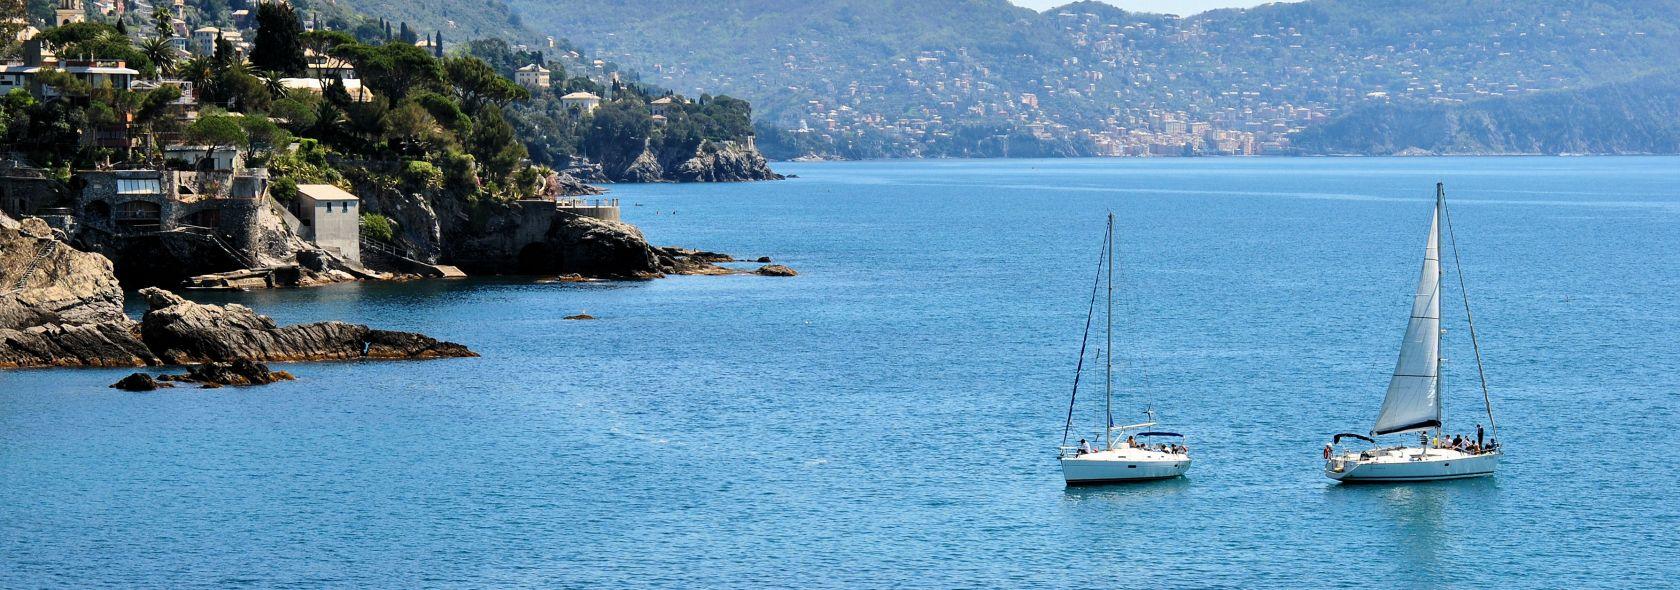 imbarcazioni - ph. C. Severino per Comune di Genova